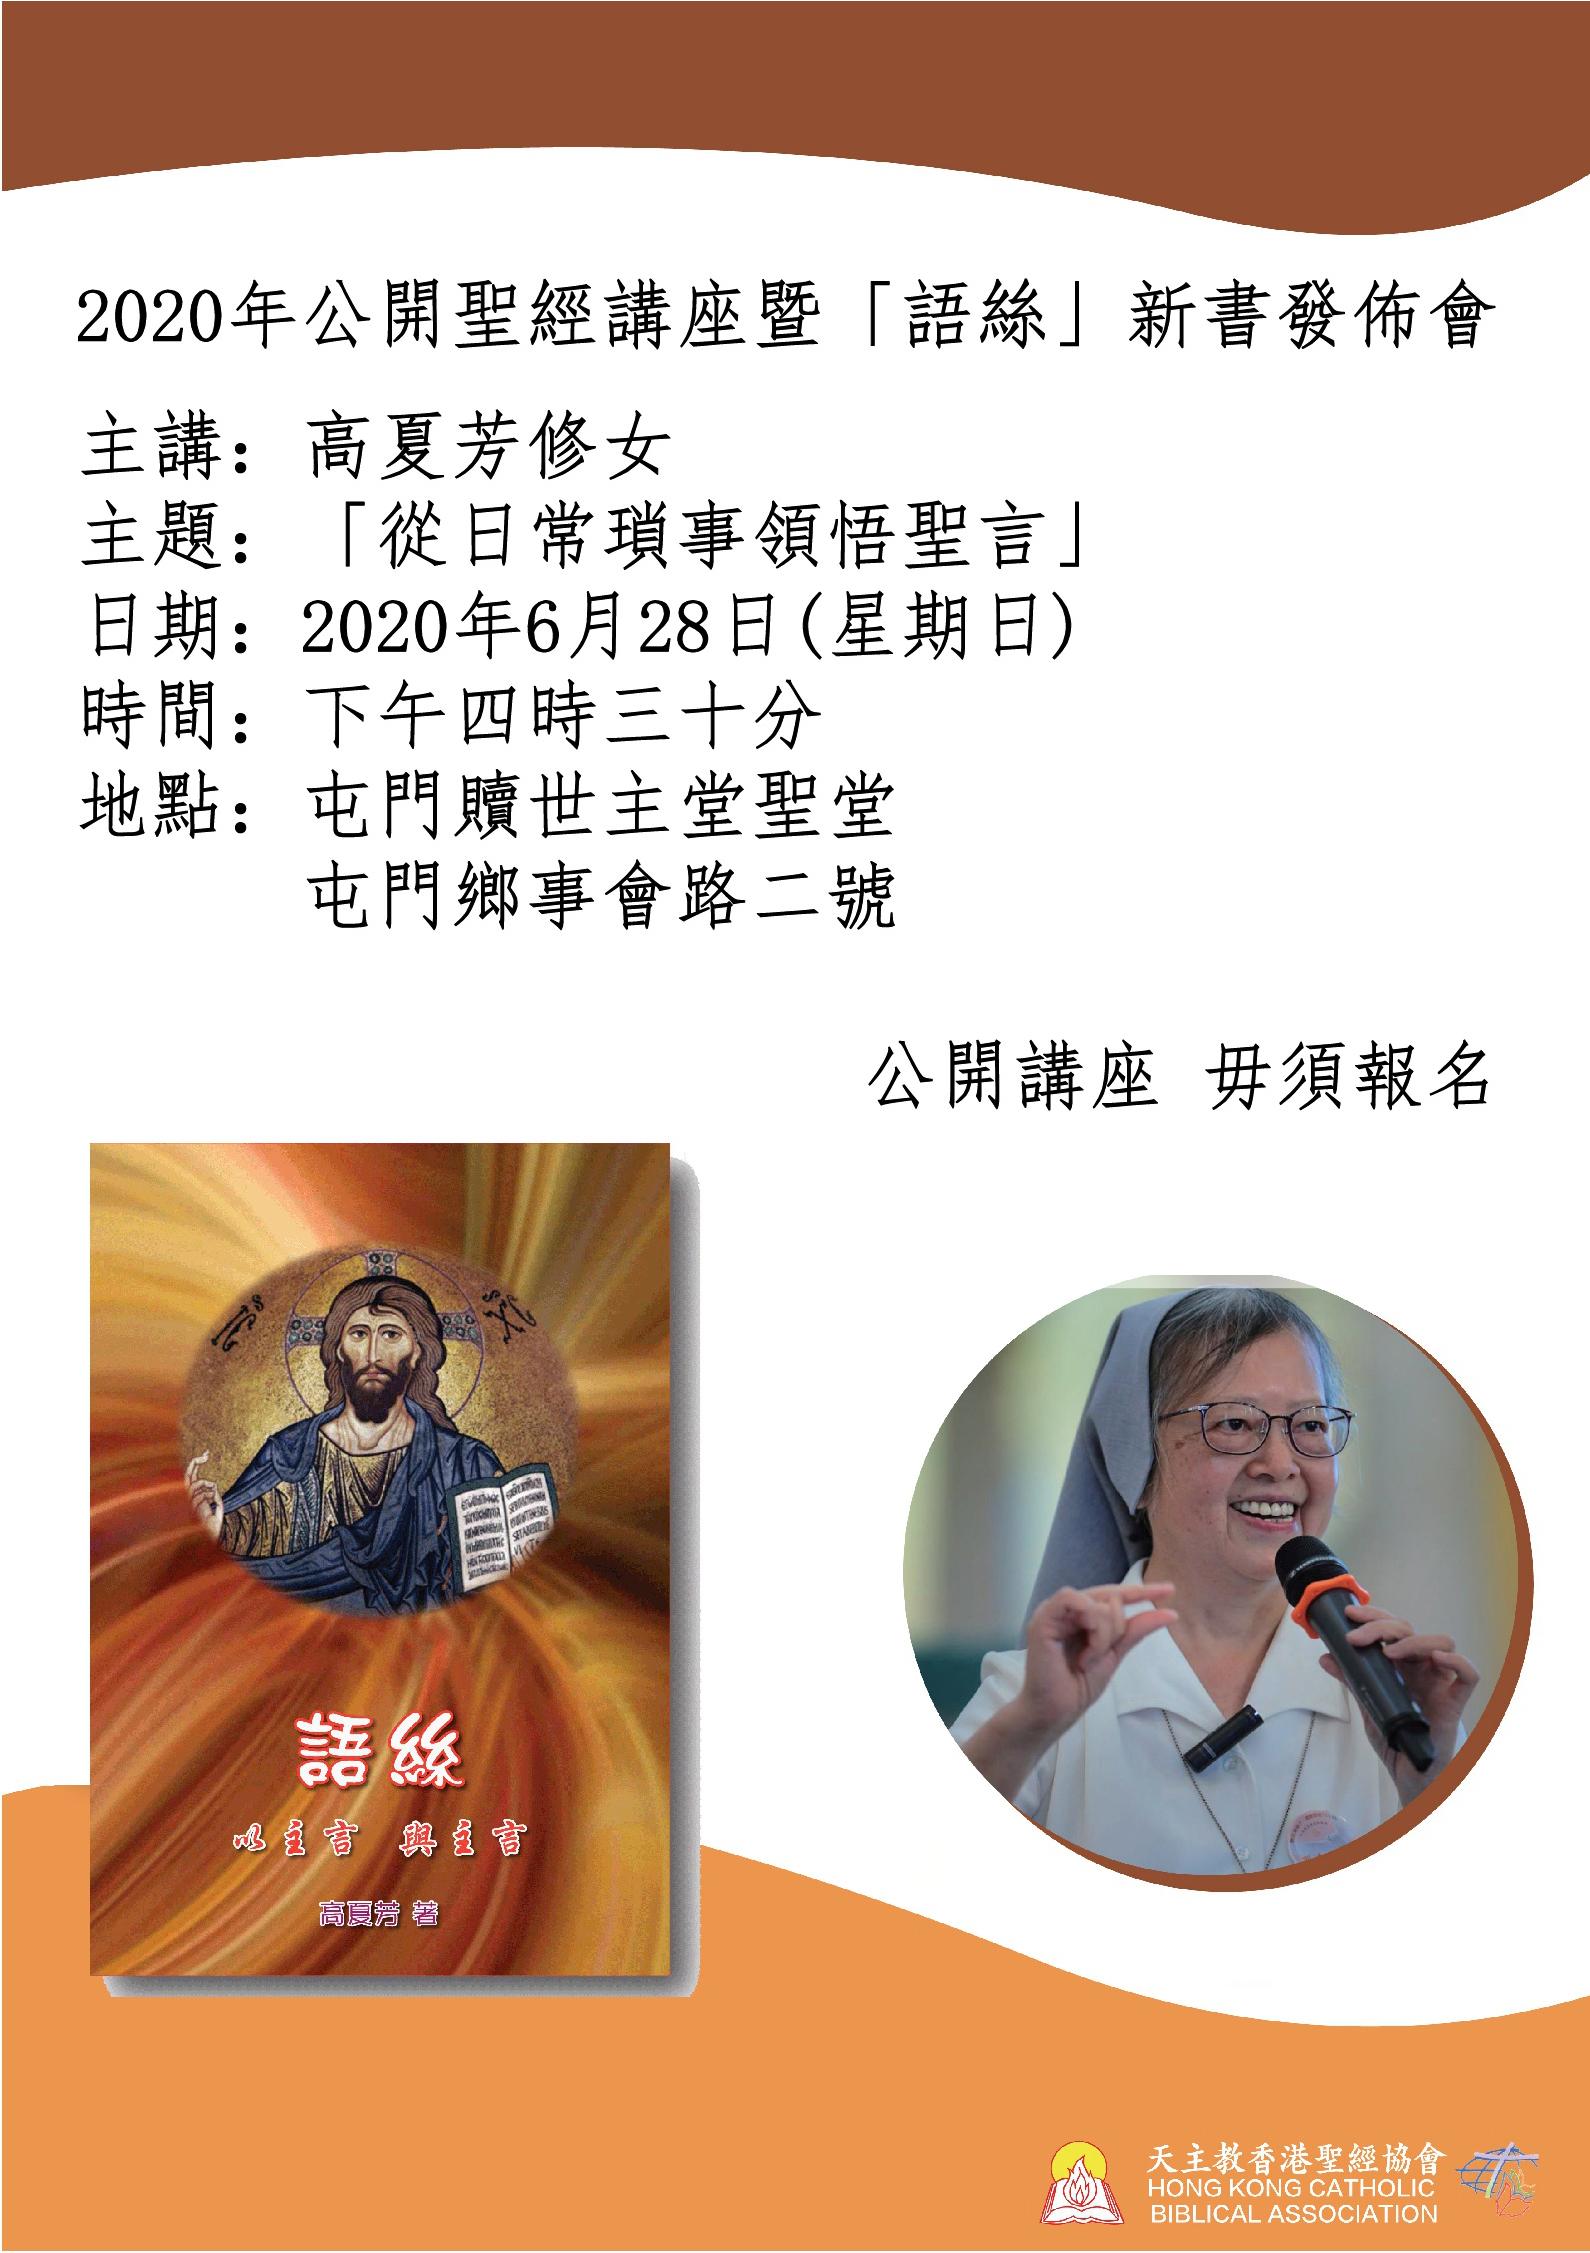 2020年公開聖經講座暨「語絲」新書發佈會